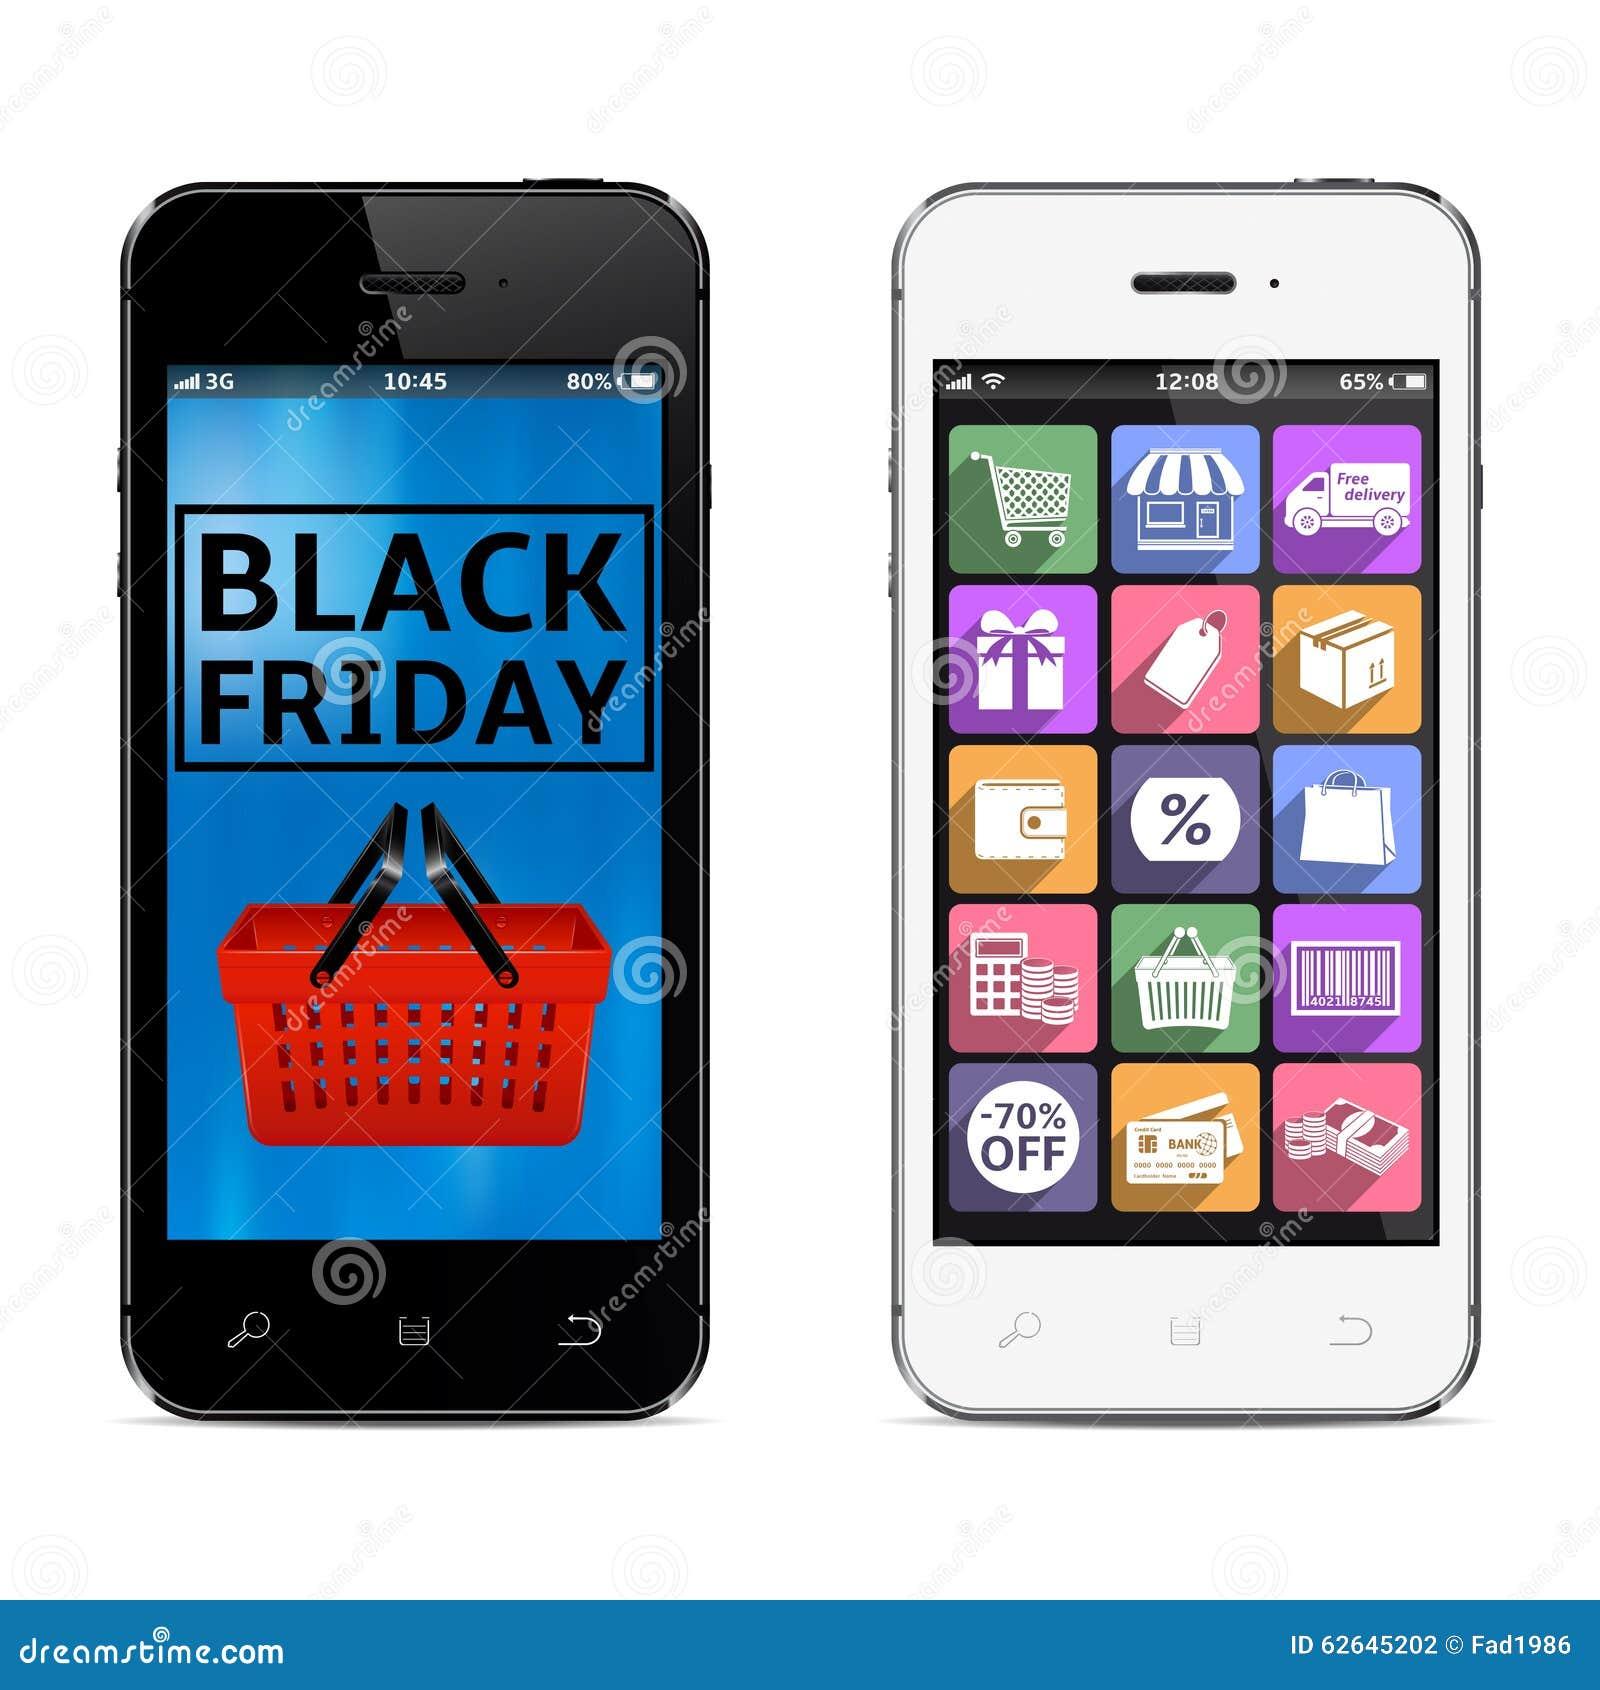 black friday sale promotion stock vector image 62645202. Black Bedroom Furniture Sets. Home Design Ideas